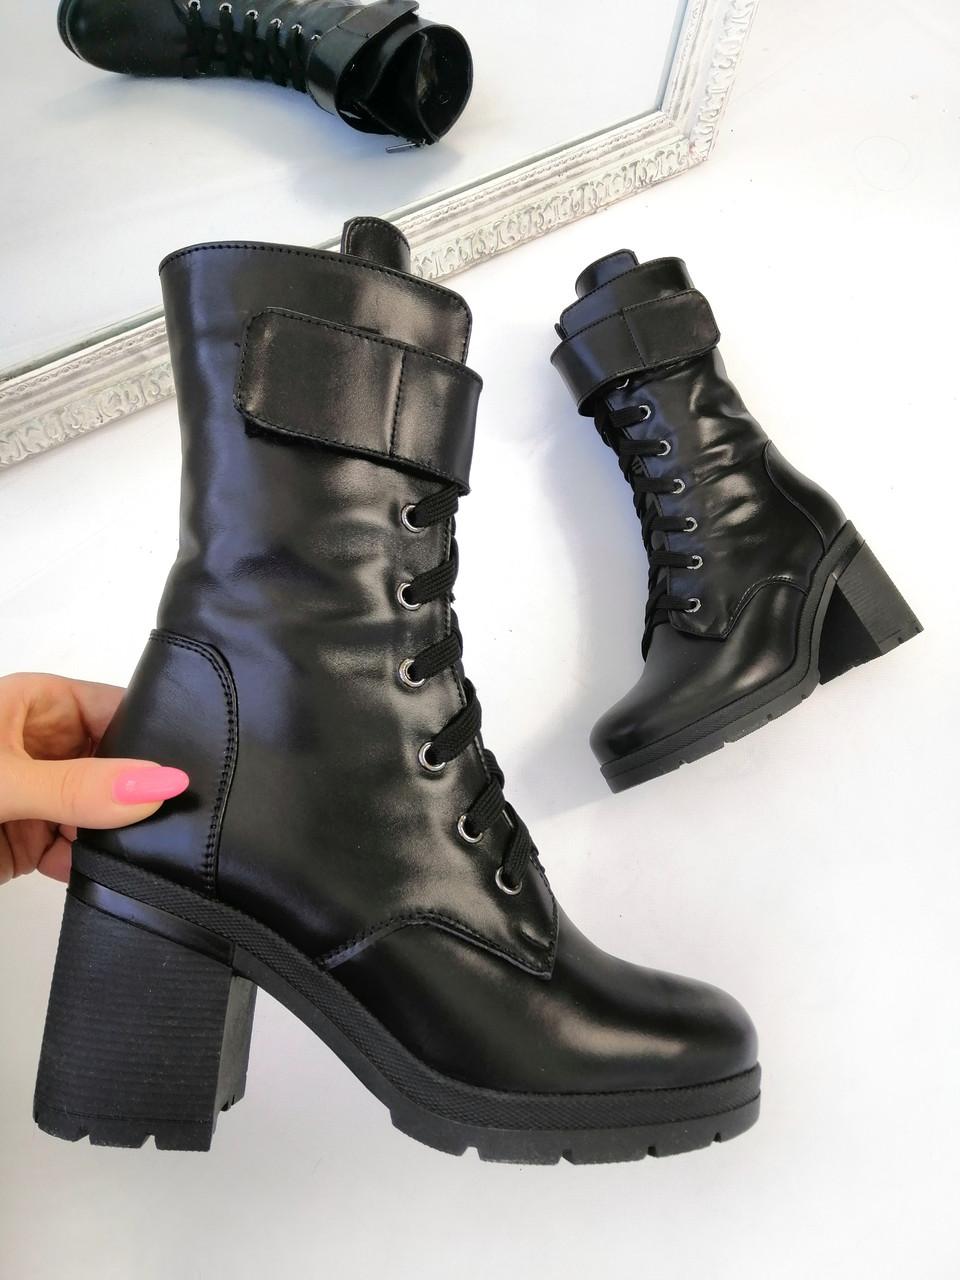 37 р. Ботинки женские деми черные кожаные на высоком каблуке демисезонные из натуральной кожи натуральная кожа